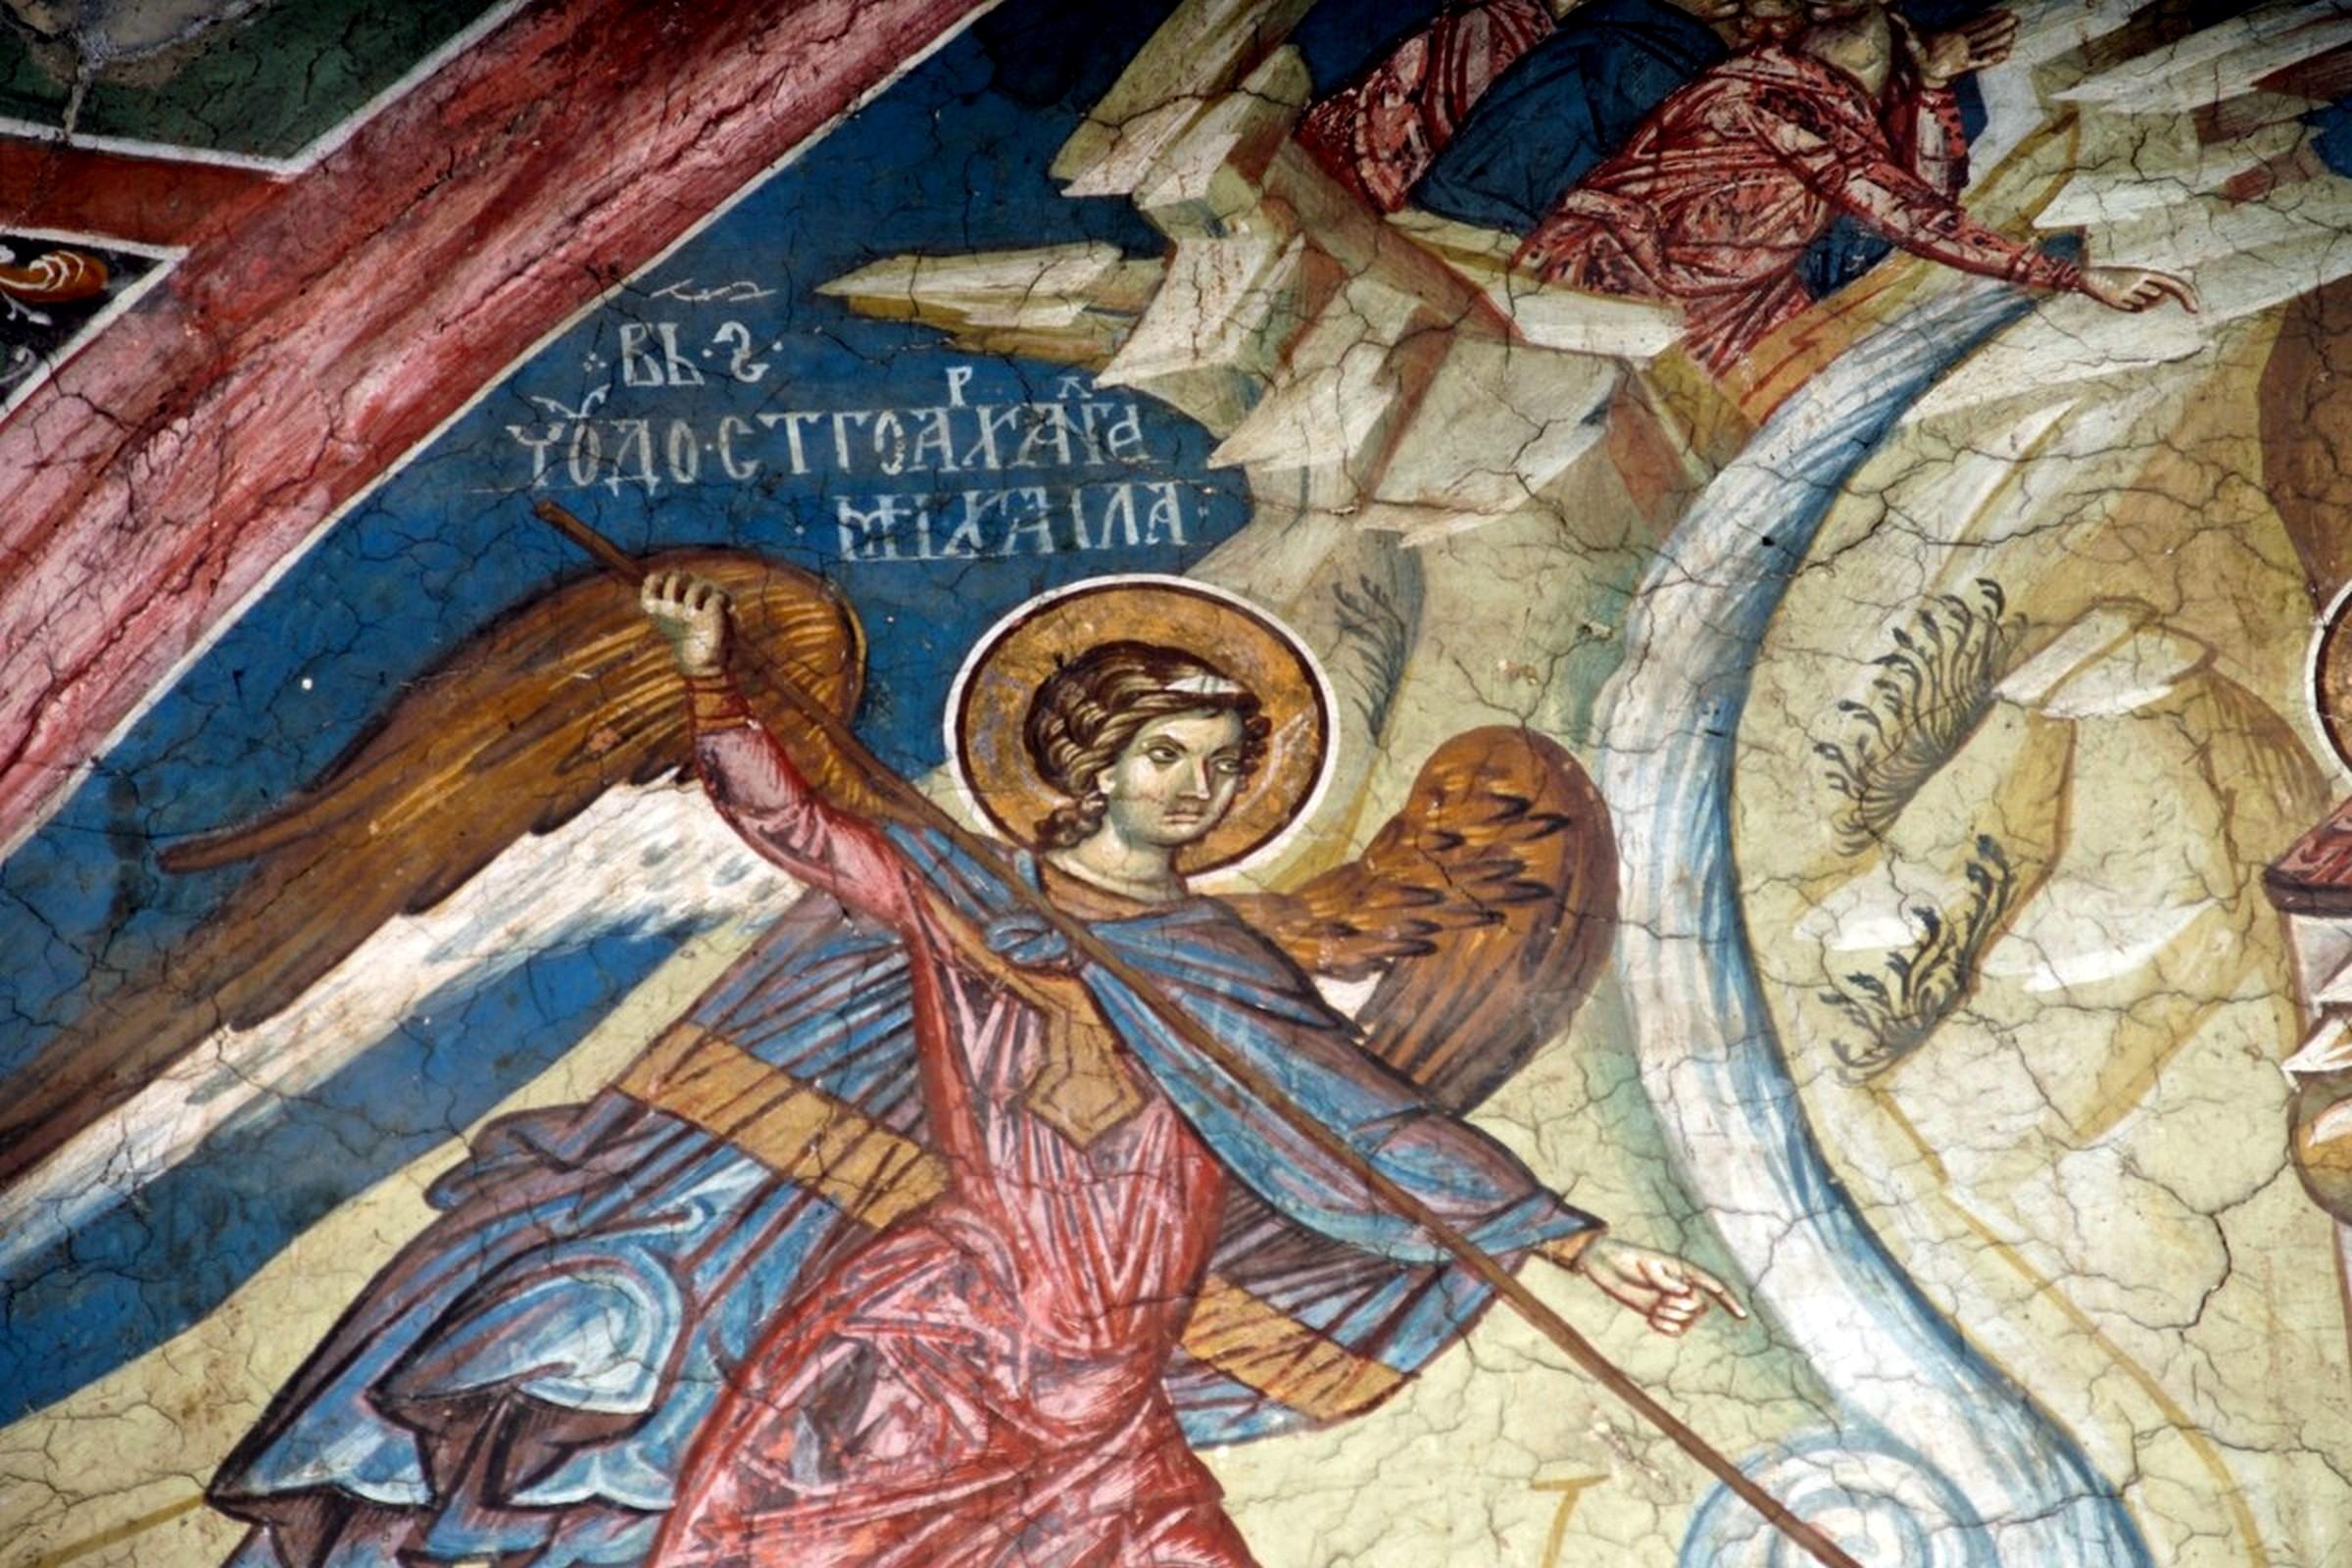 Чудо Архистратига Михаила в Хонех. Фреска монастыря Высокие Дечаны, Косово, Сербия. Около 1350 года.